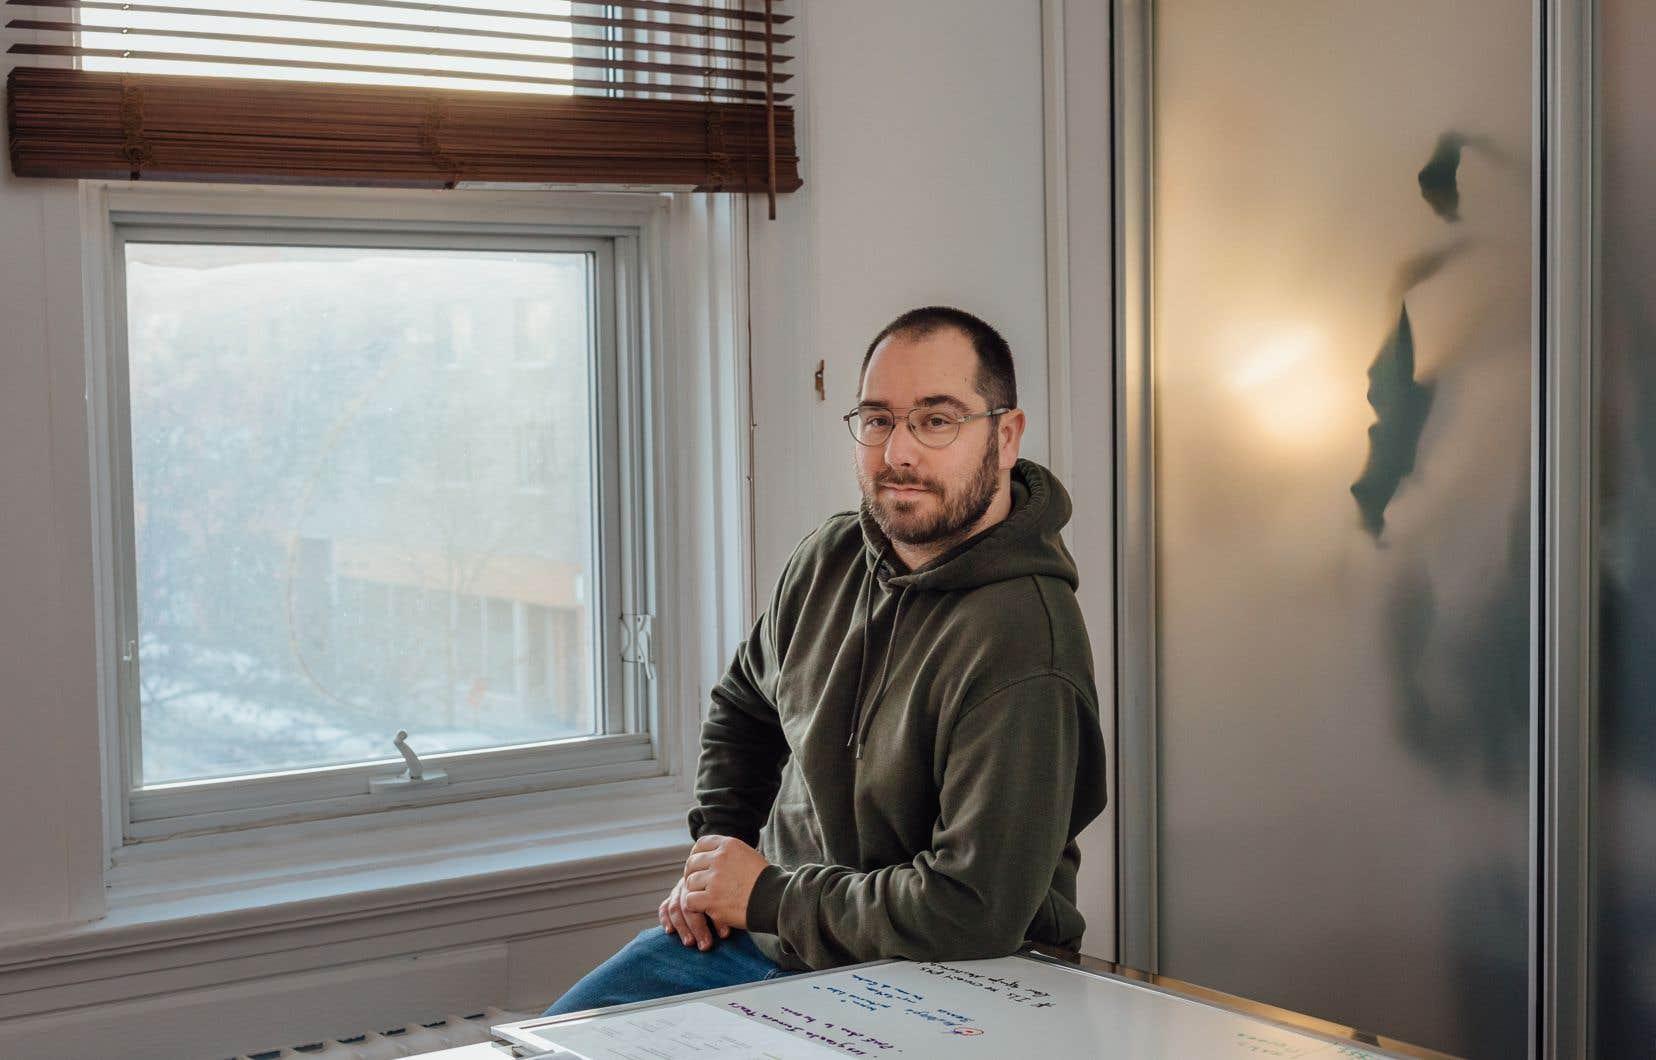 Axel Lespérance, fondateur de l'application RestoLoco, qui donne accès à une liste d'une centaine de restaurants.